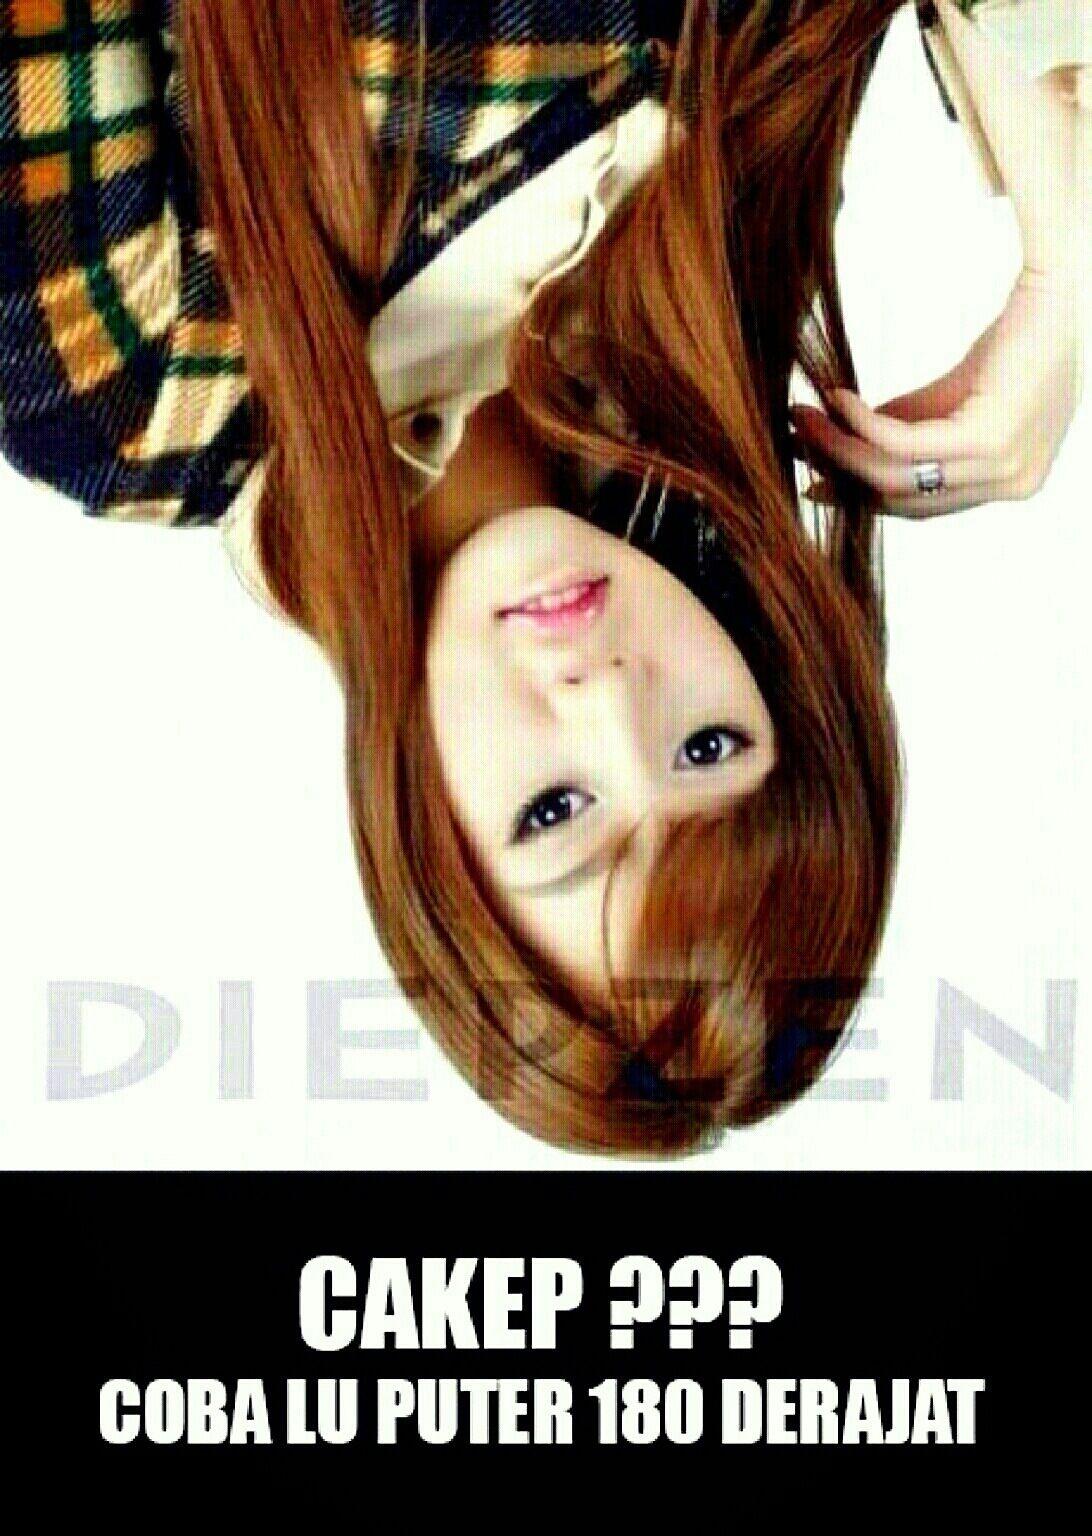 Cakep Humor Pinterest